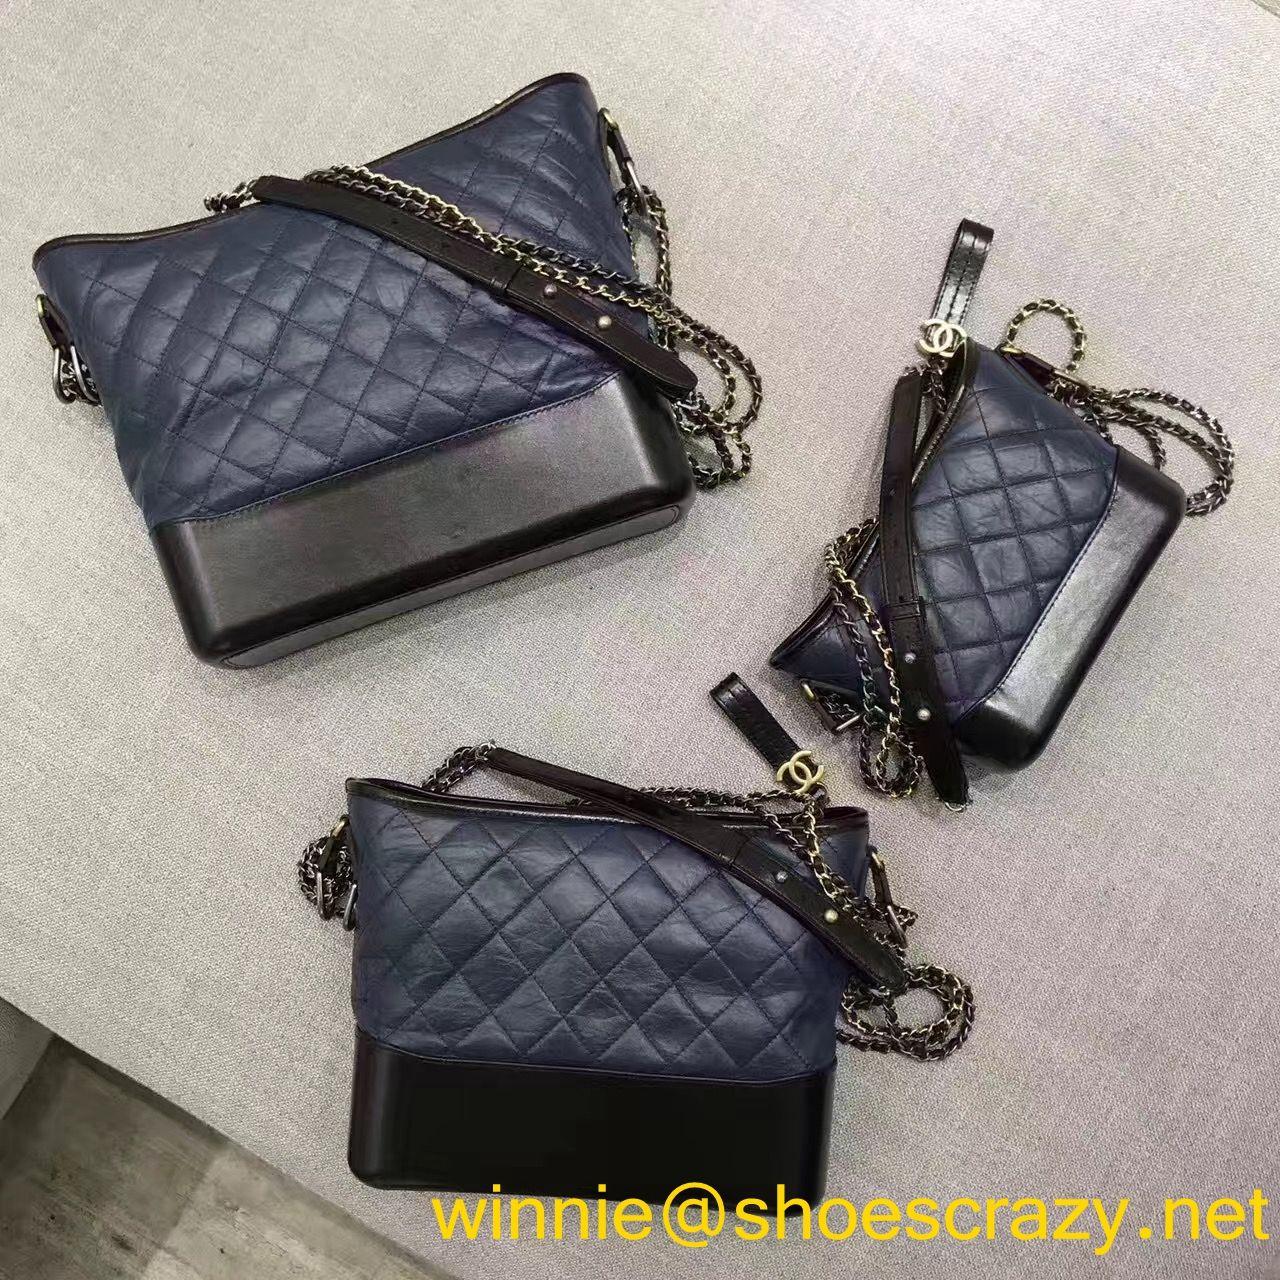 d8a3a9aa82f9 Chanel Gabrielle Hobo Bag